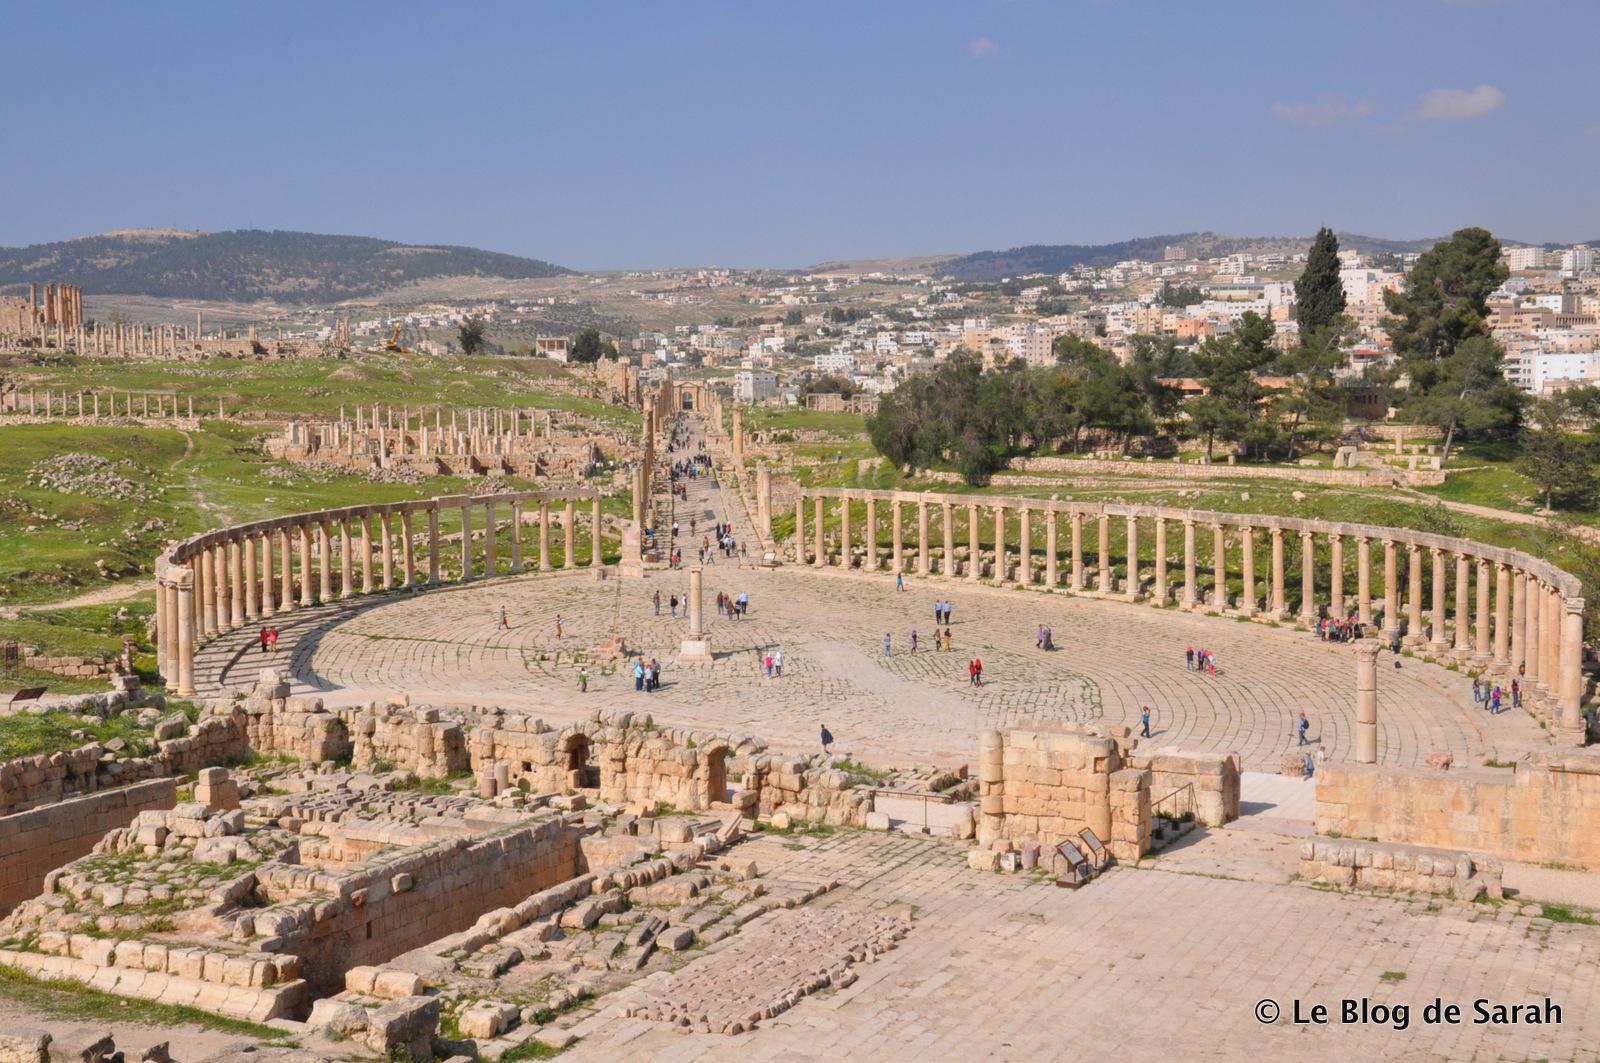 Le forum de Jerash avec sa place ovale entourée de colonnes